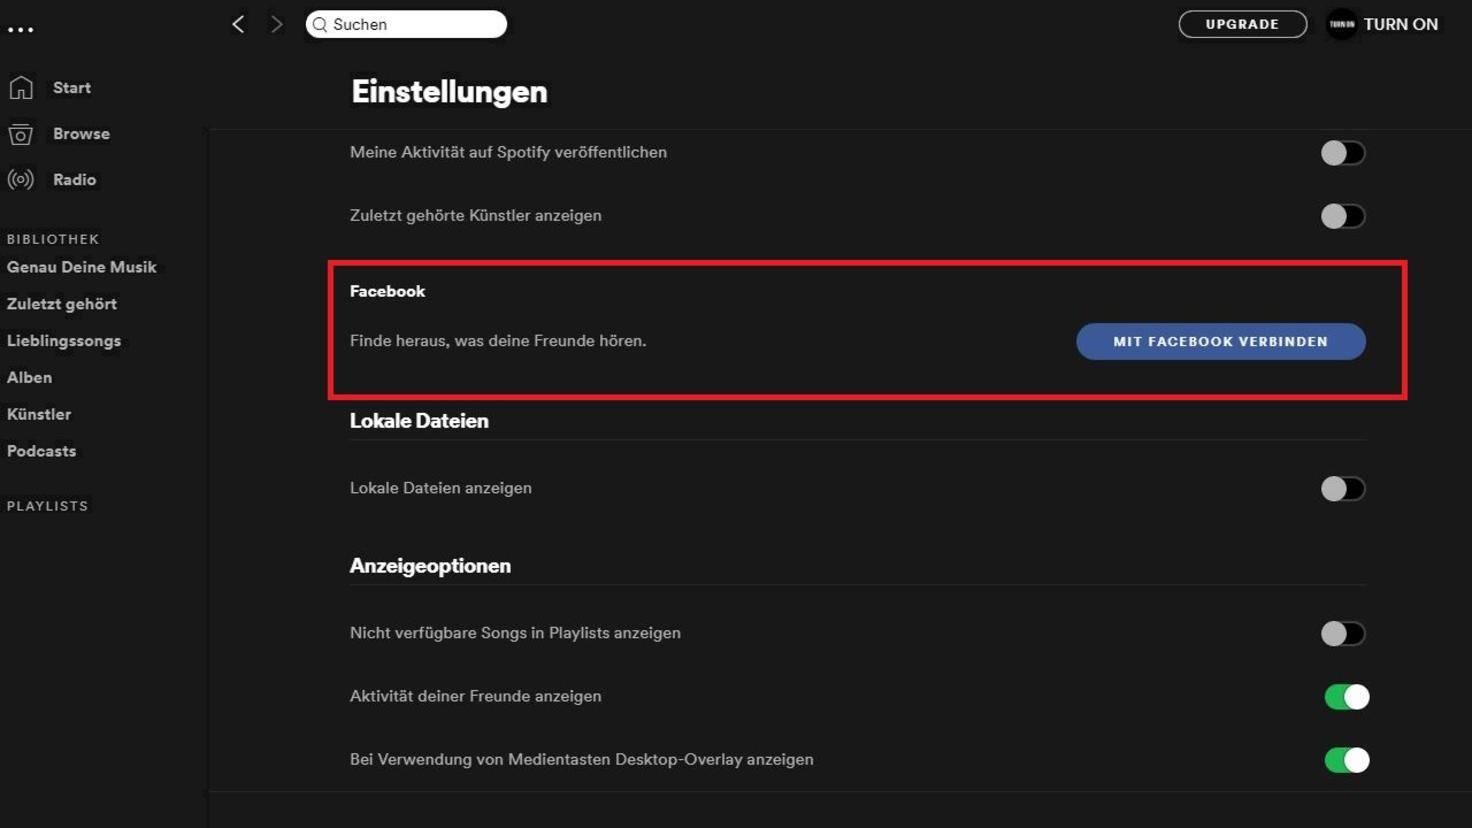 spotify-facebook-verbinden-neu